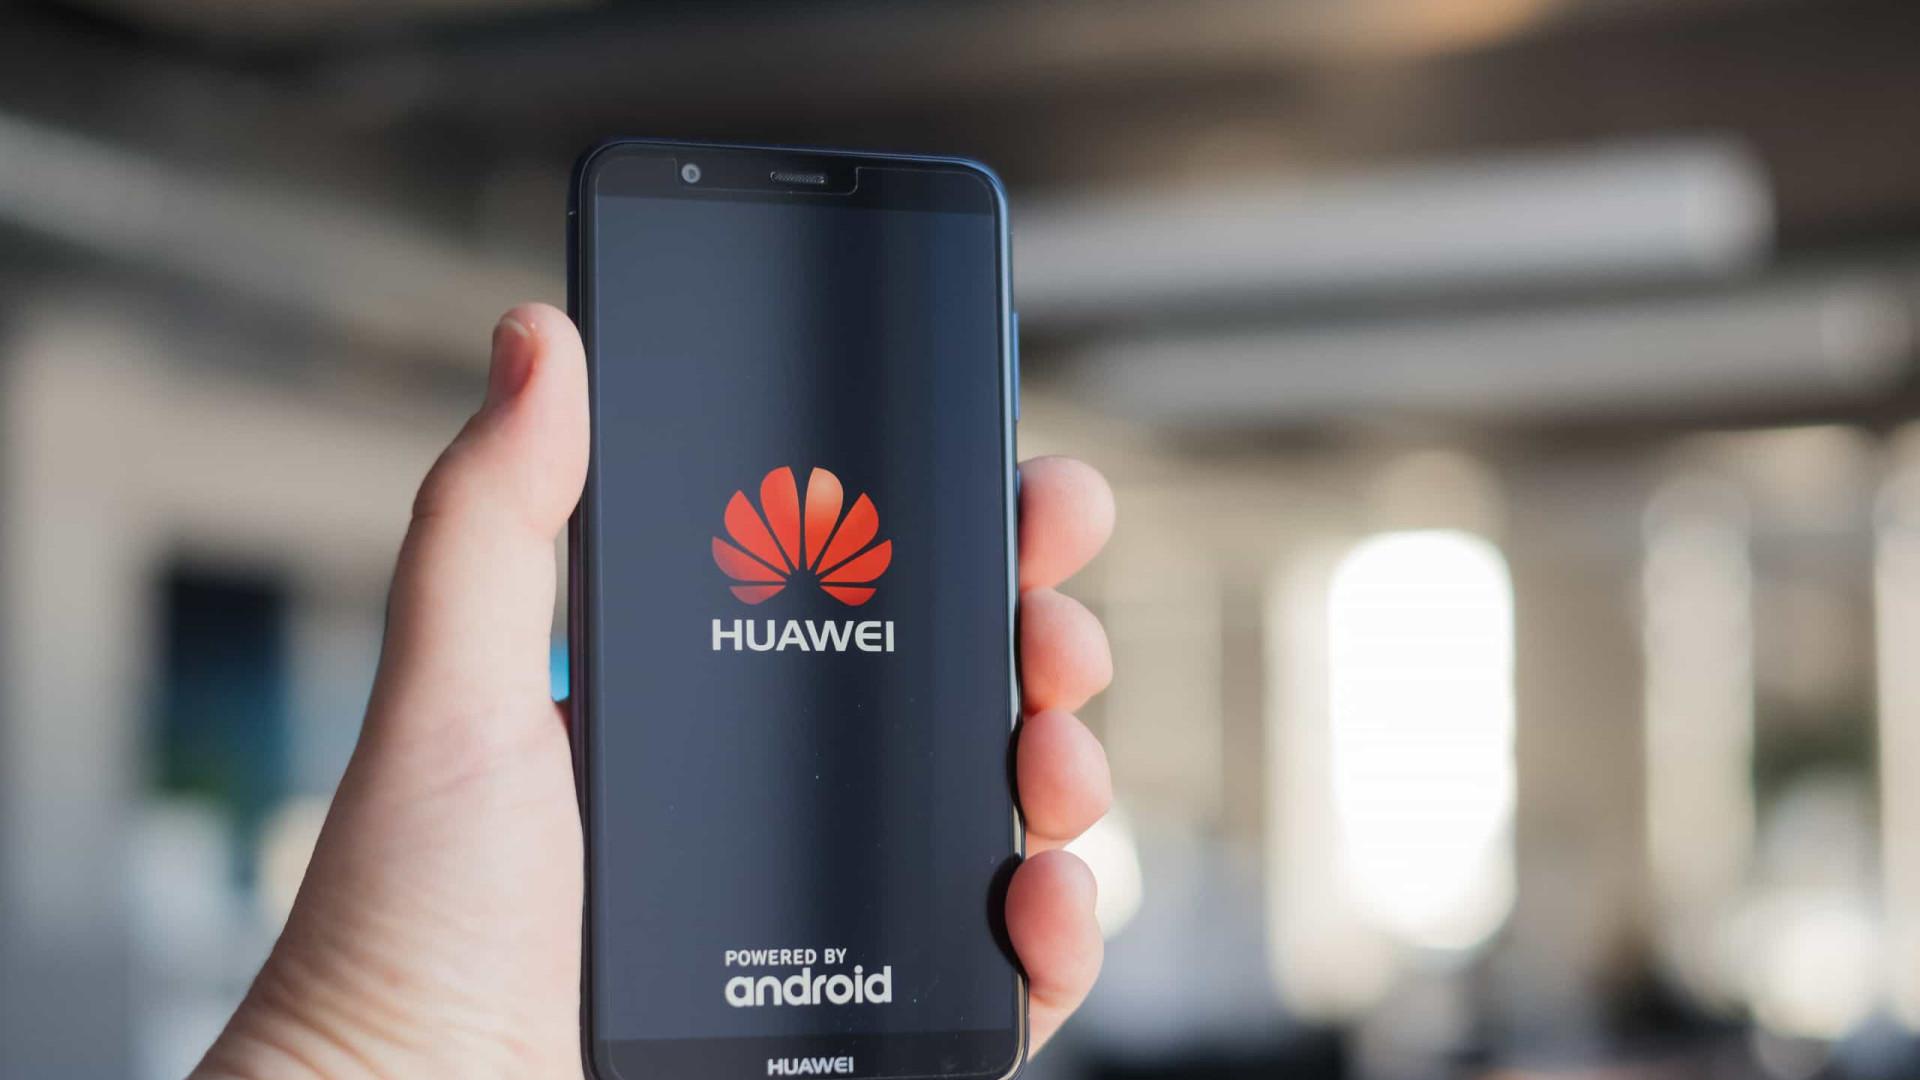 Patente: Huawei poderá lançar smartphone com câmara líquida